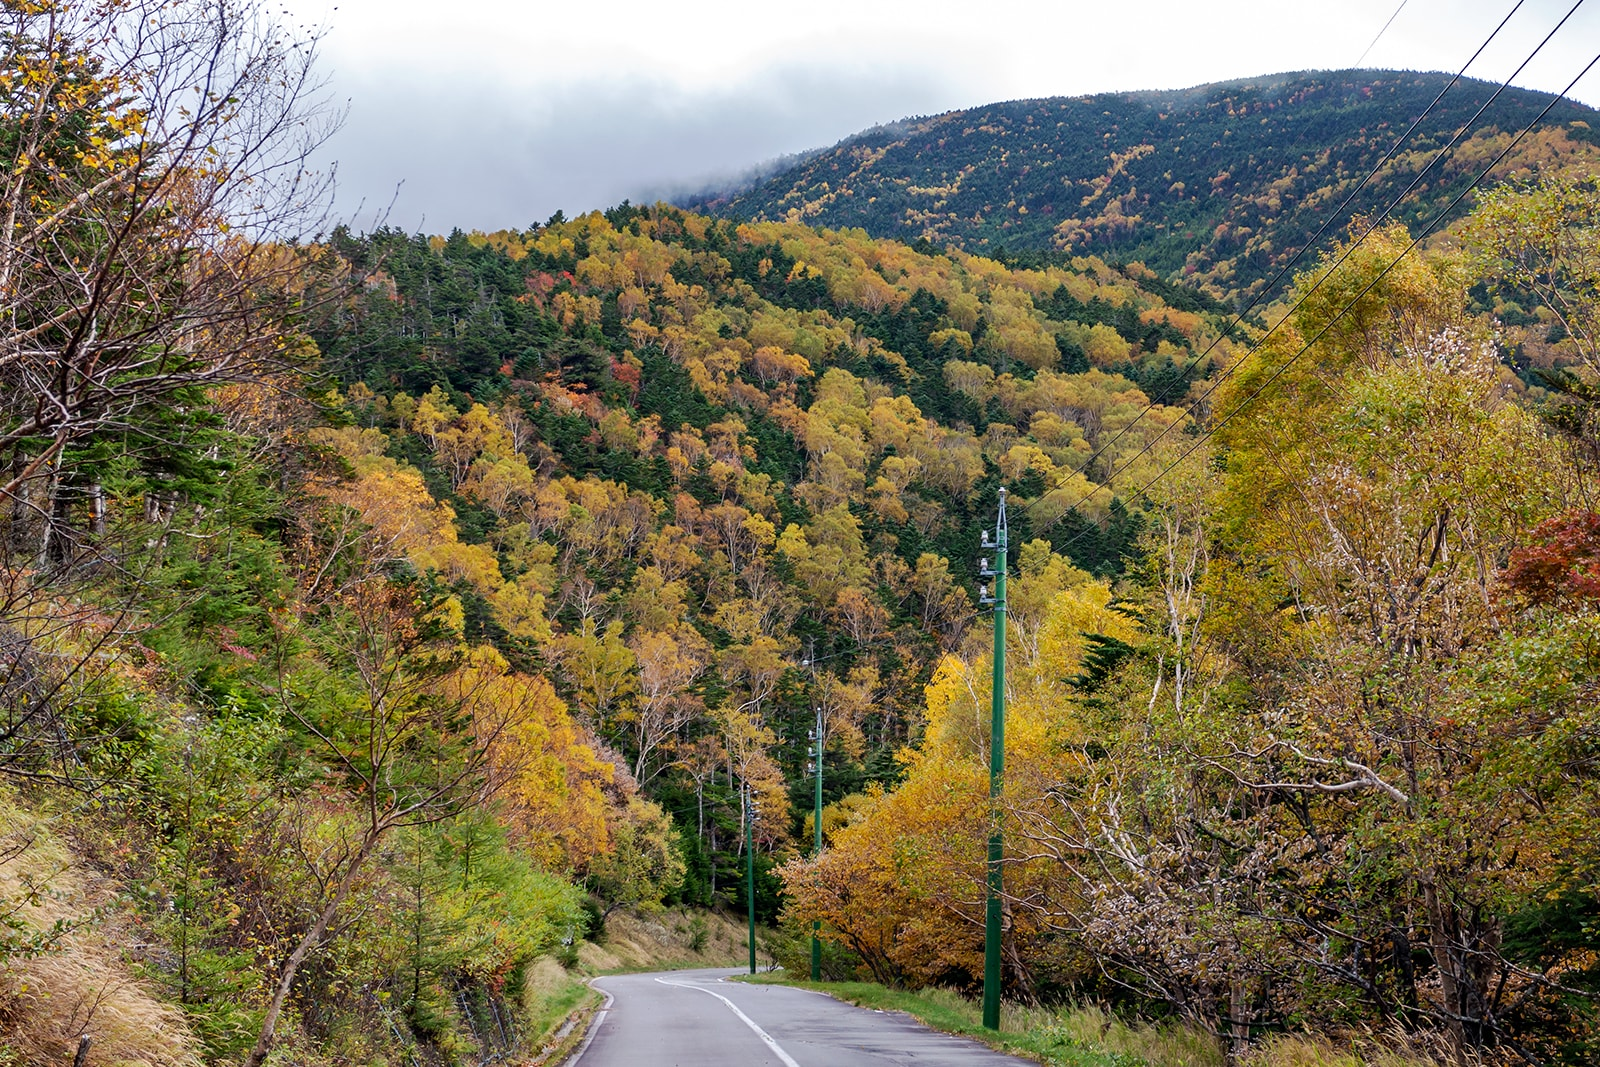 蓼科スカイラインの山肌では美しい紅葉による景色が拡がる。